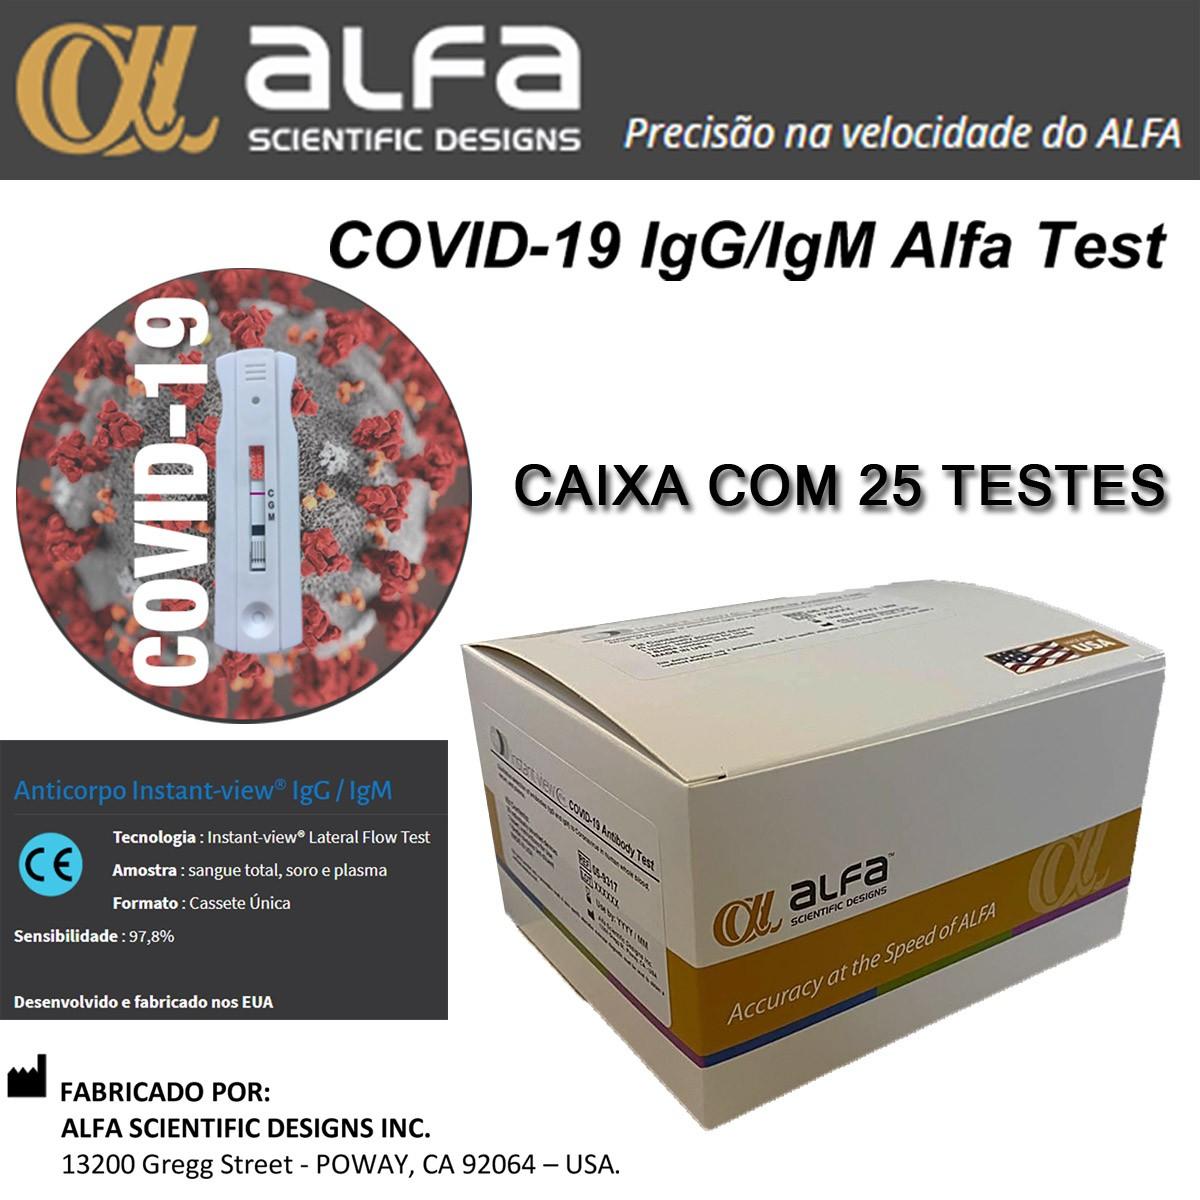 Teste Rápido COVID-19 IgM/IgG ALFA SCIENTIFIC - Caixa com 25 unidades  - Loja Saúde - Diagnósticos e Produtos Naturais